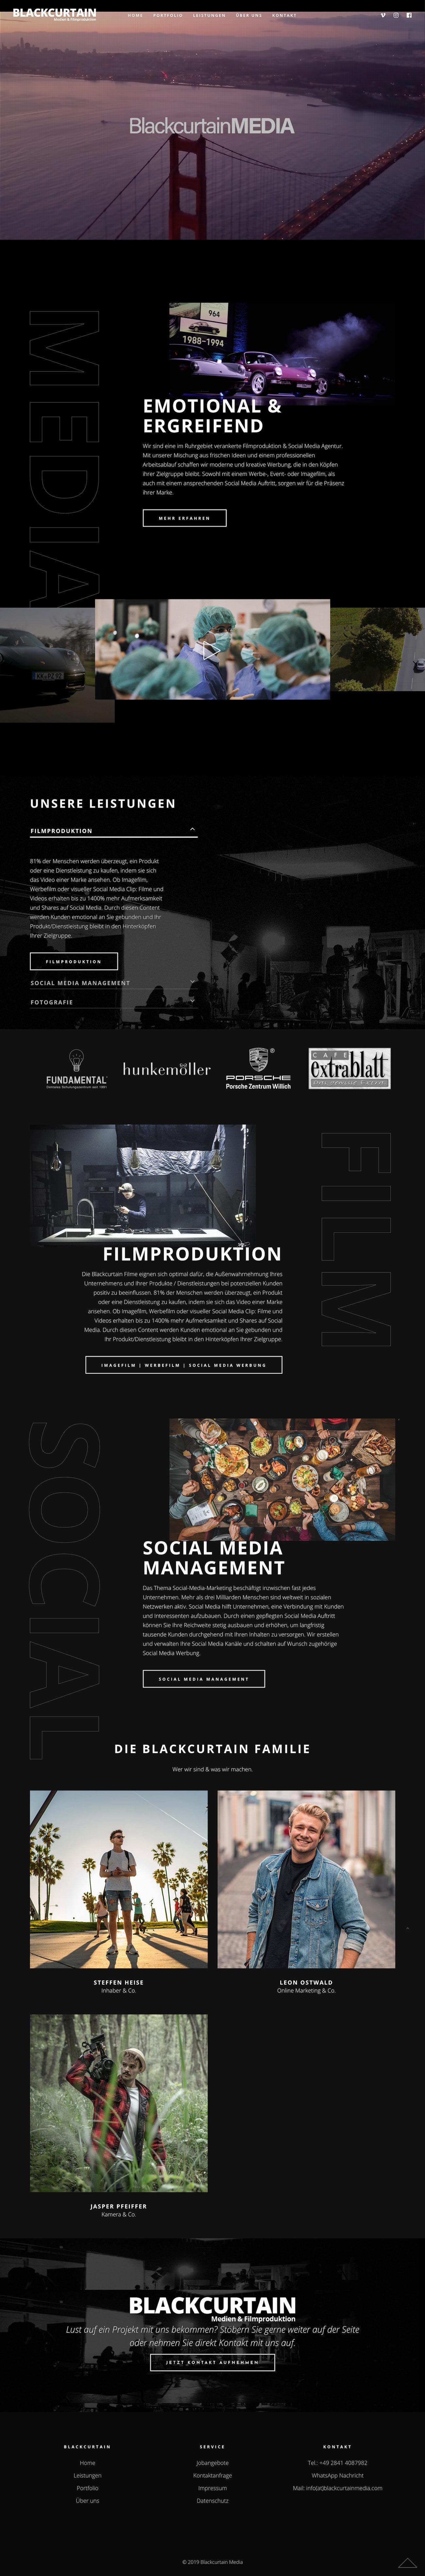 screencapture blackcurtainmedia 2020 02 27 19 23 29